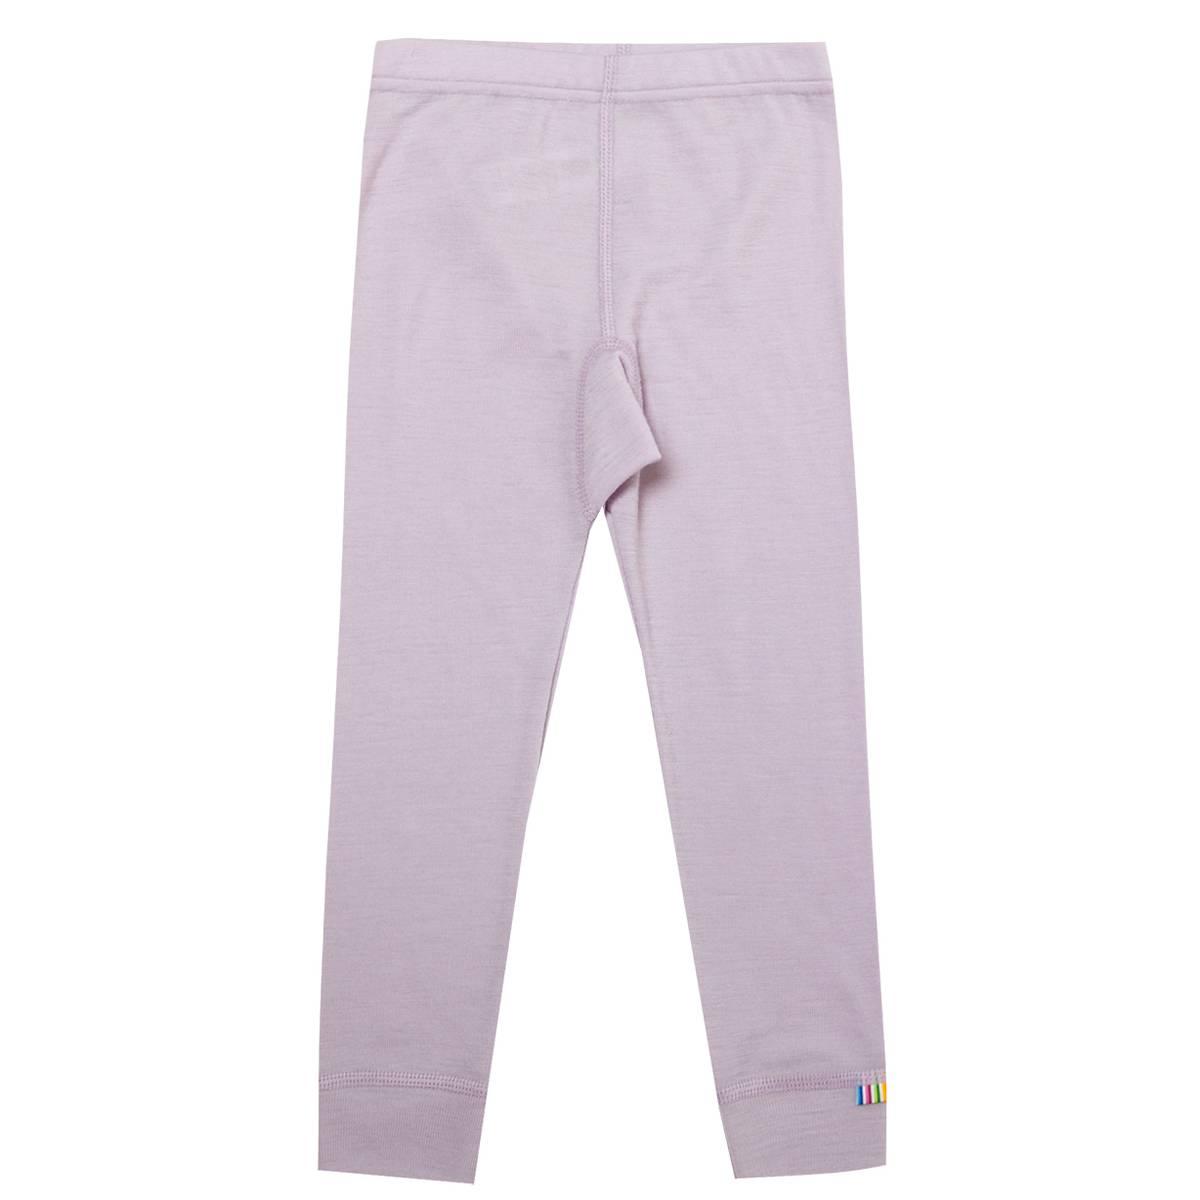 Joha Splash sommerull leggings - ensfarget syrin